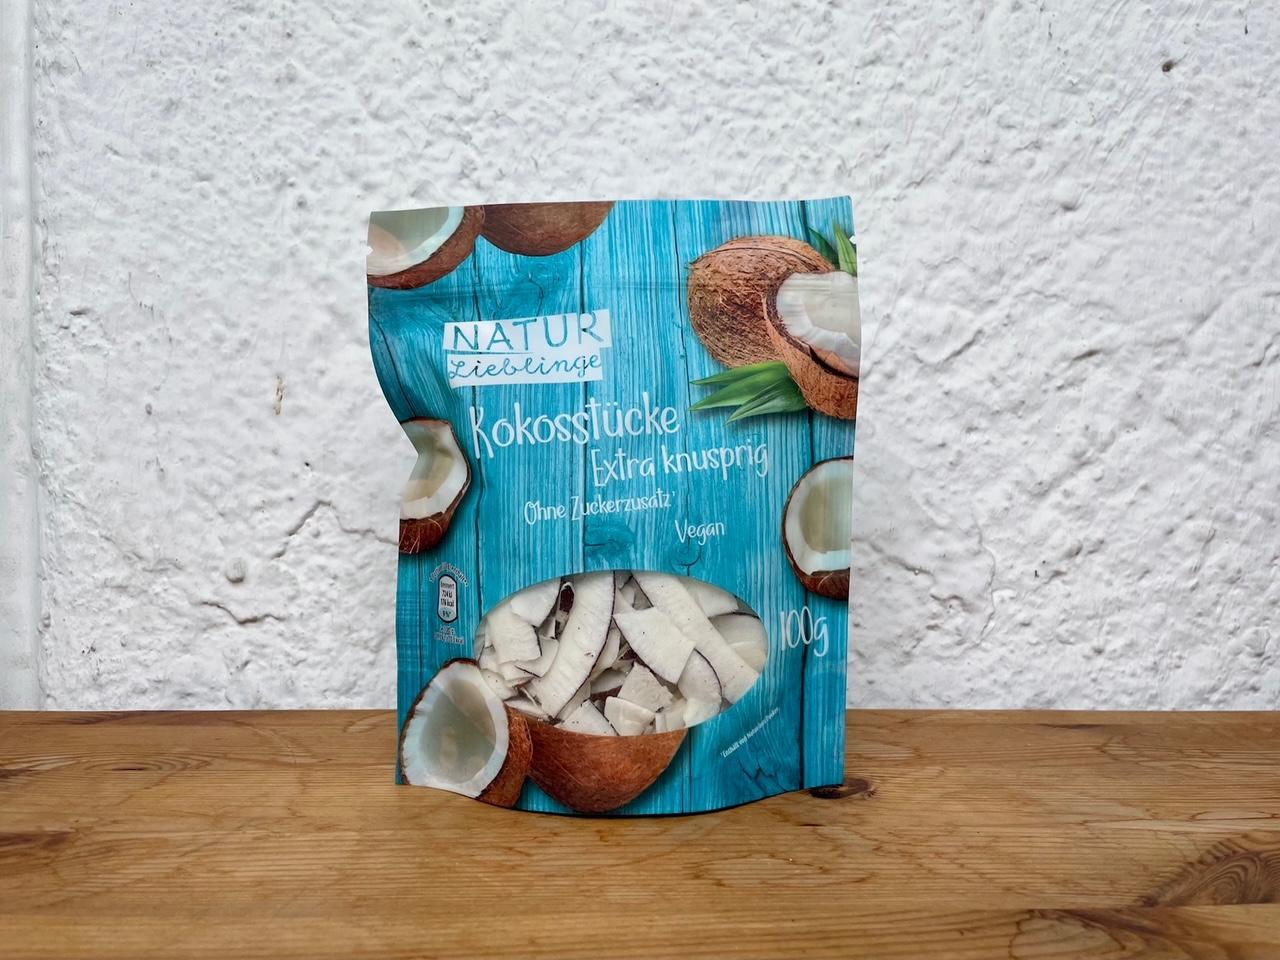 NATUR-Lieblinge-Kokosstücke-Extra-knusprig